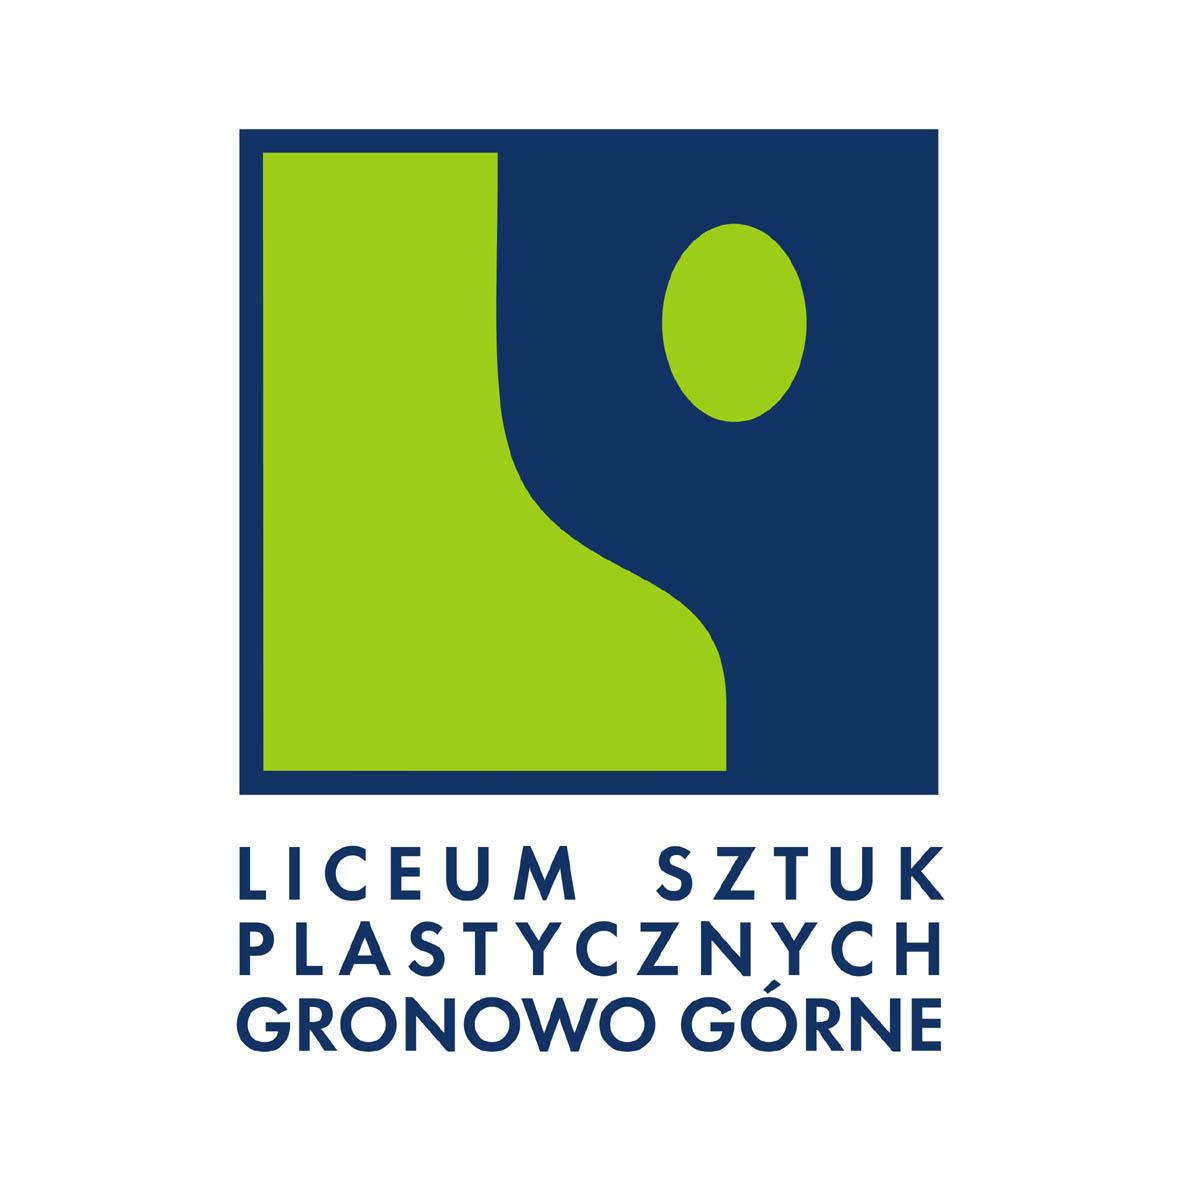 LP Gronowo Górne